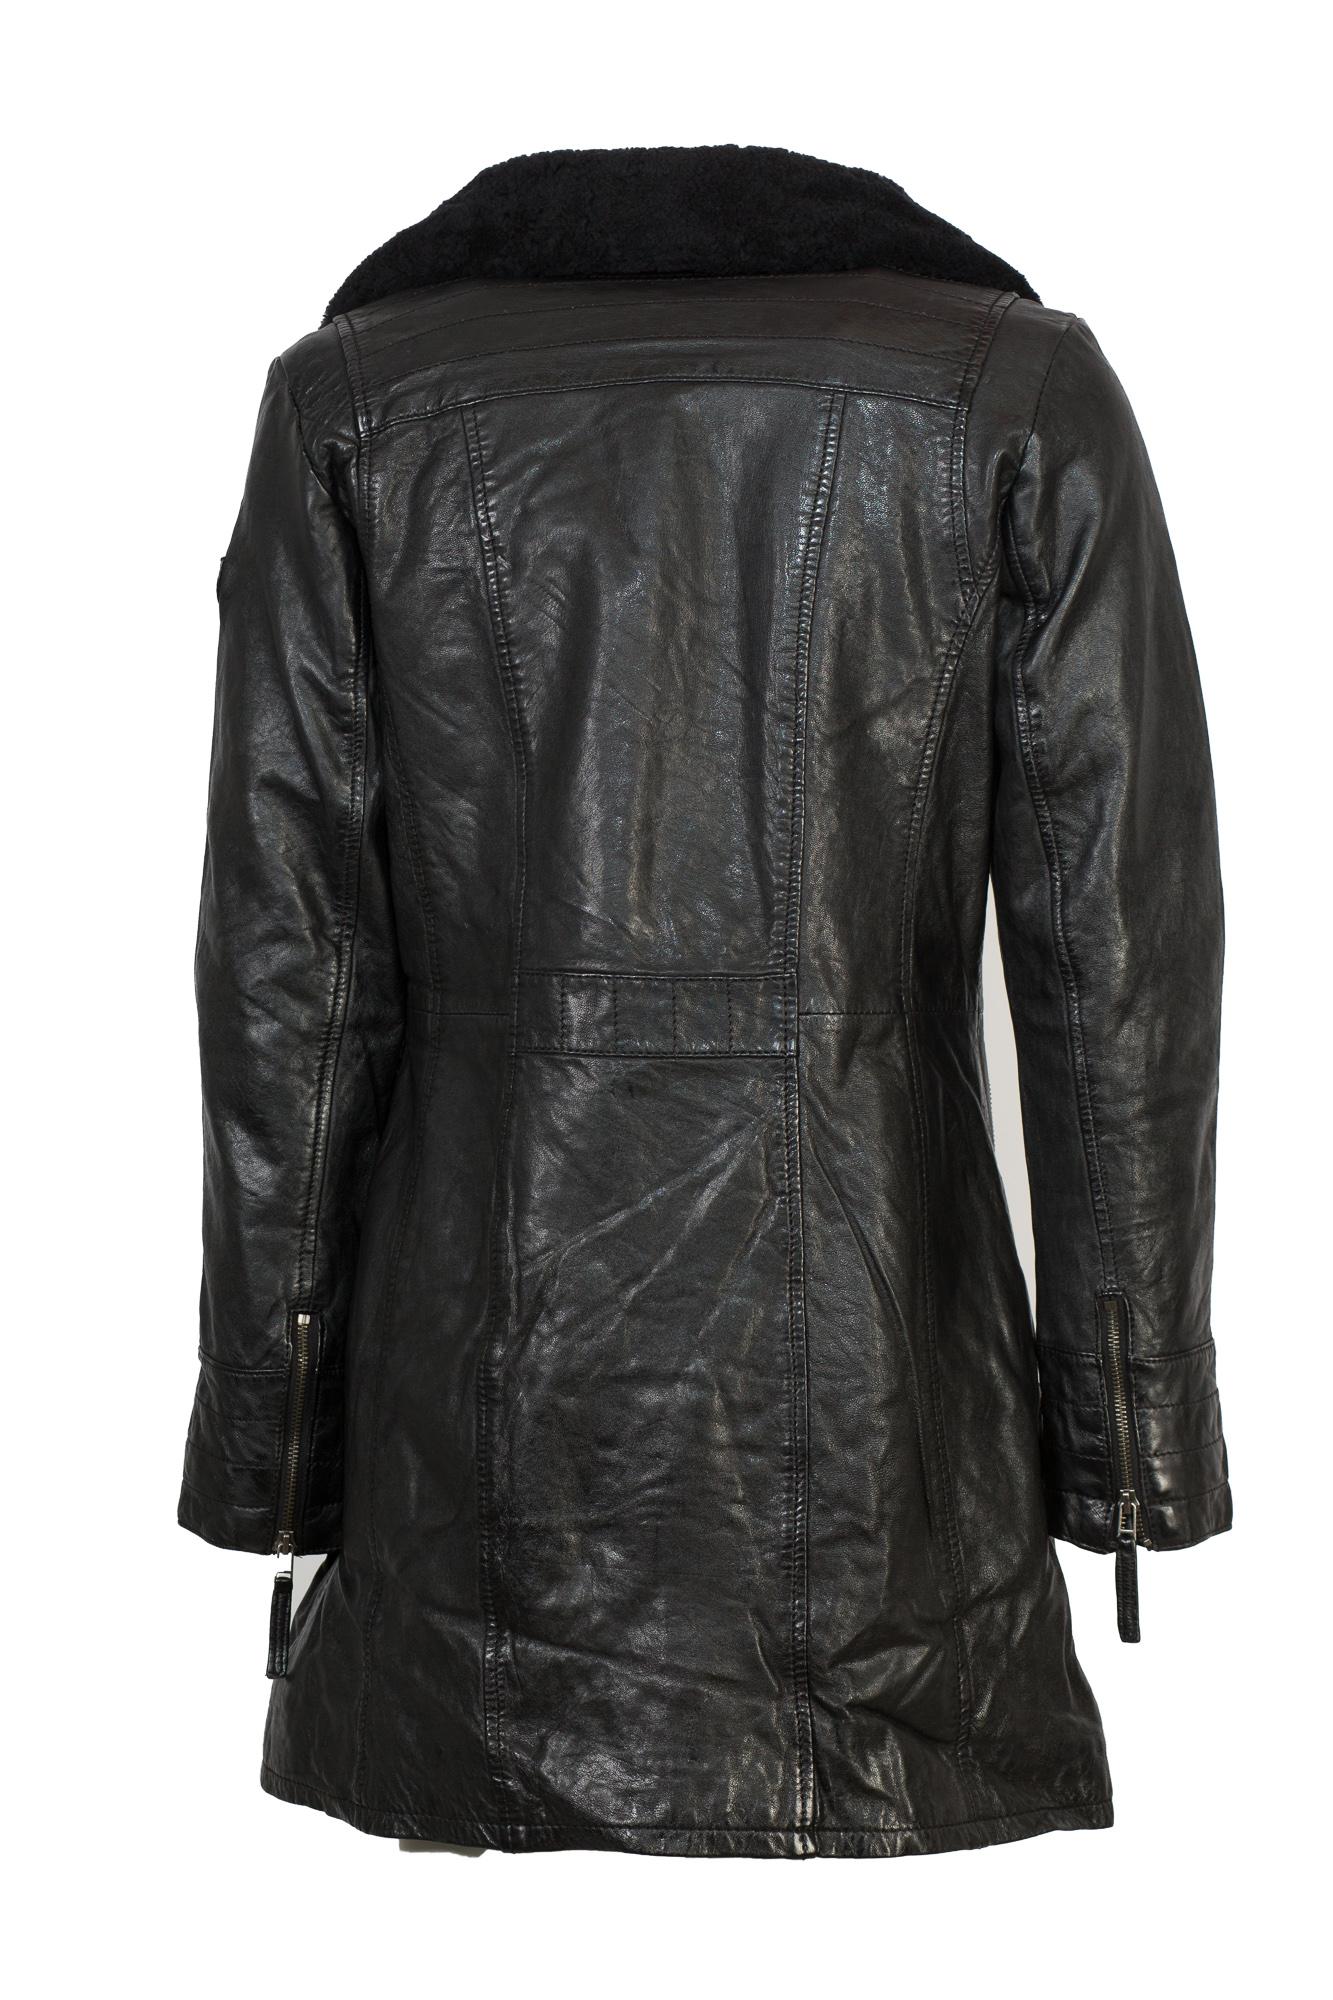 Trendiger Kurzmantel aus Leder von Gipsy in schwarz